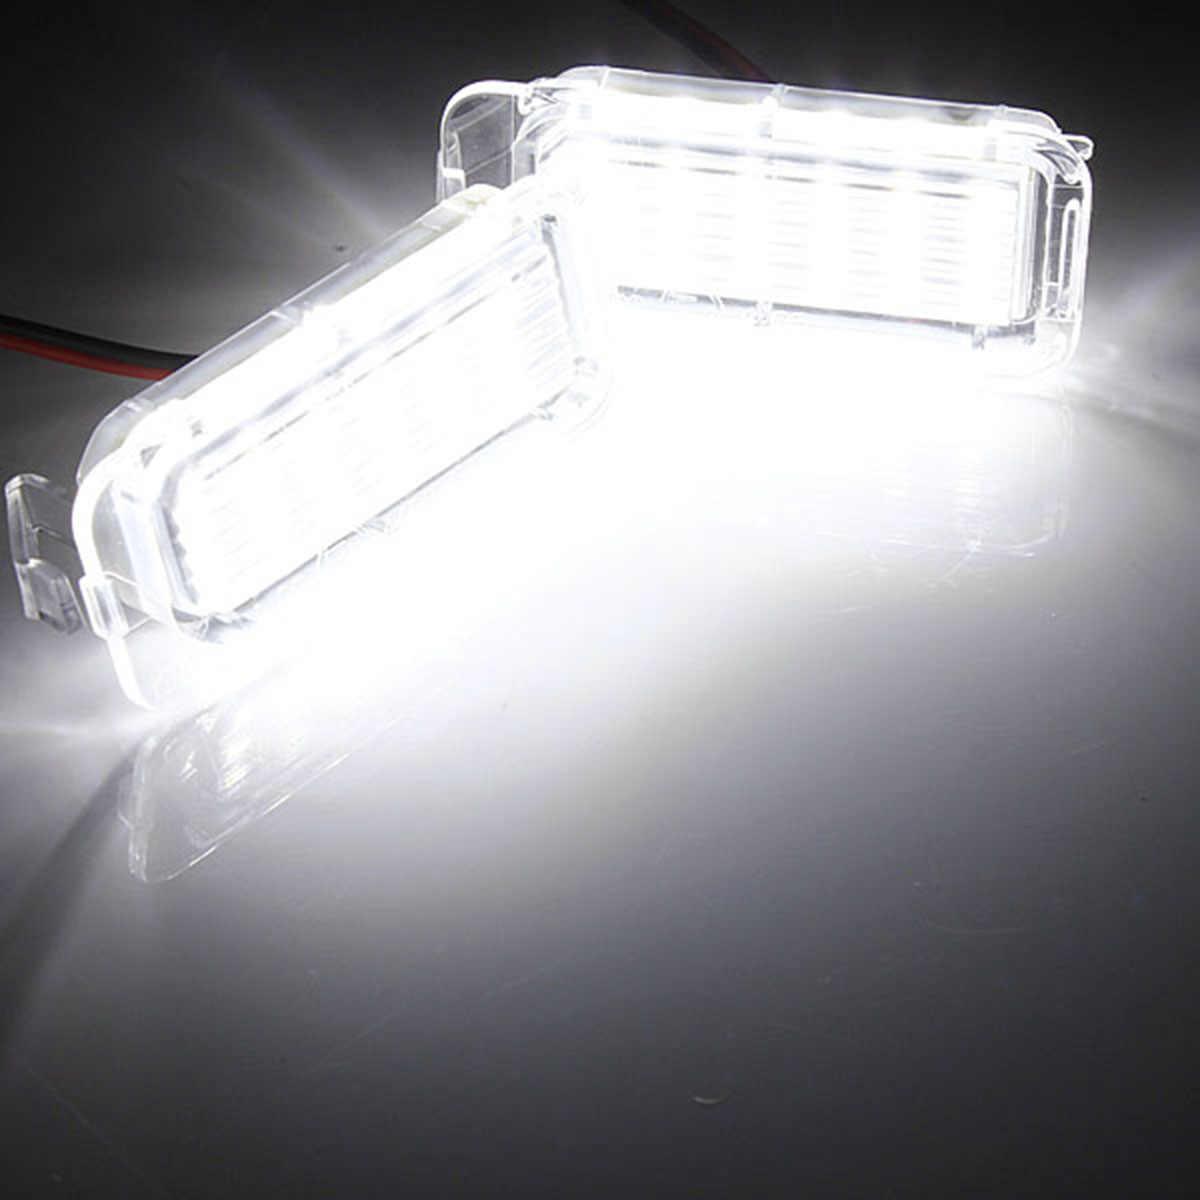 2 قطعة 12 V ضوء لوحة ترخيص مُضاء مصباح علامة ضوء مع 18 المصابيح ل فييستا JA8 التركيز DYB كوغا C-MAX S-MAX مونديو BA7-الضوء الأبيض